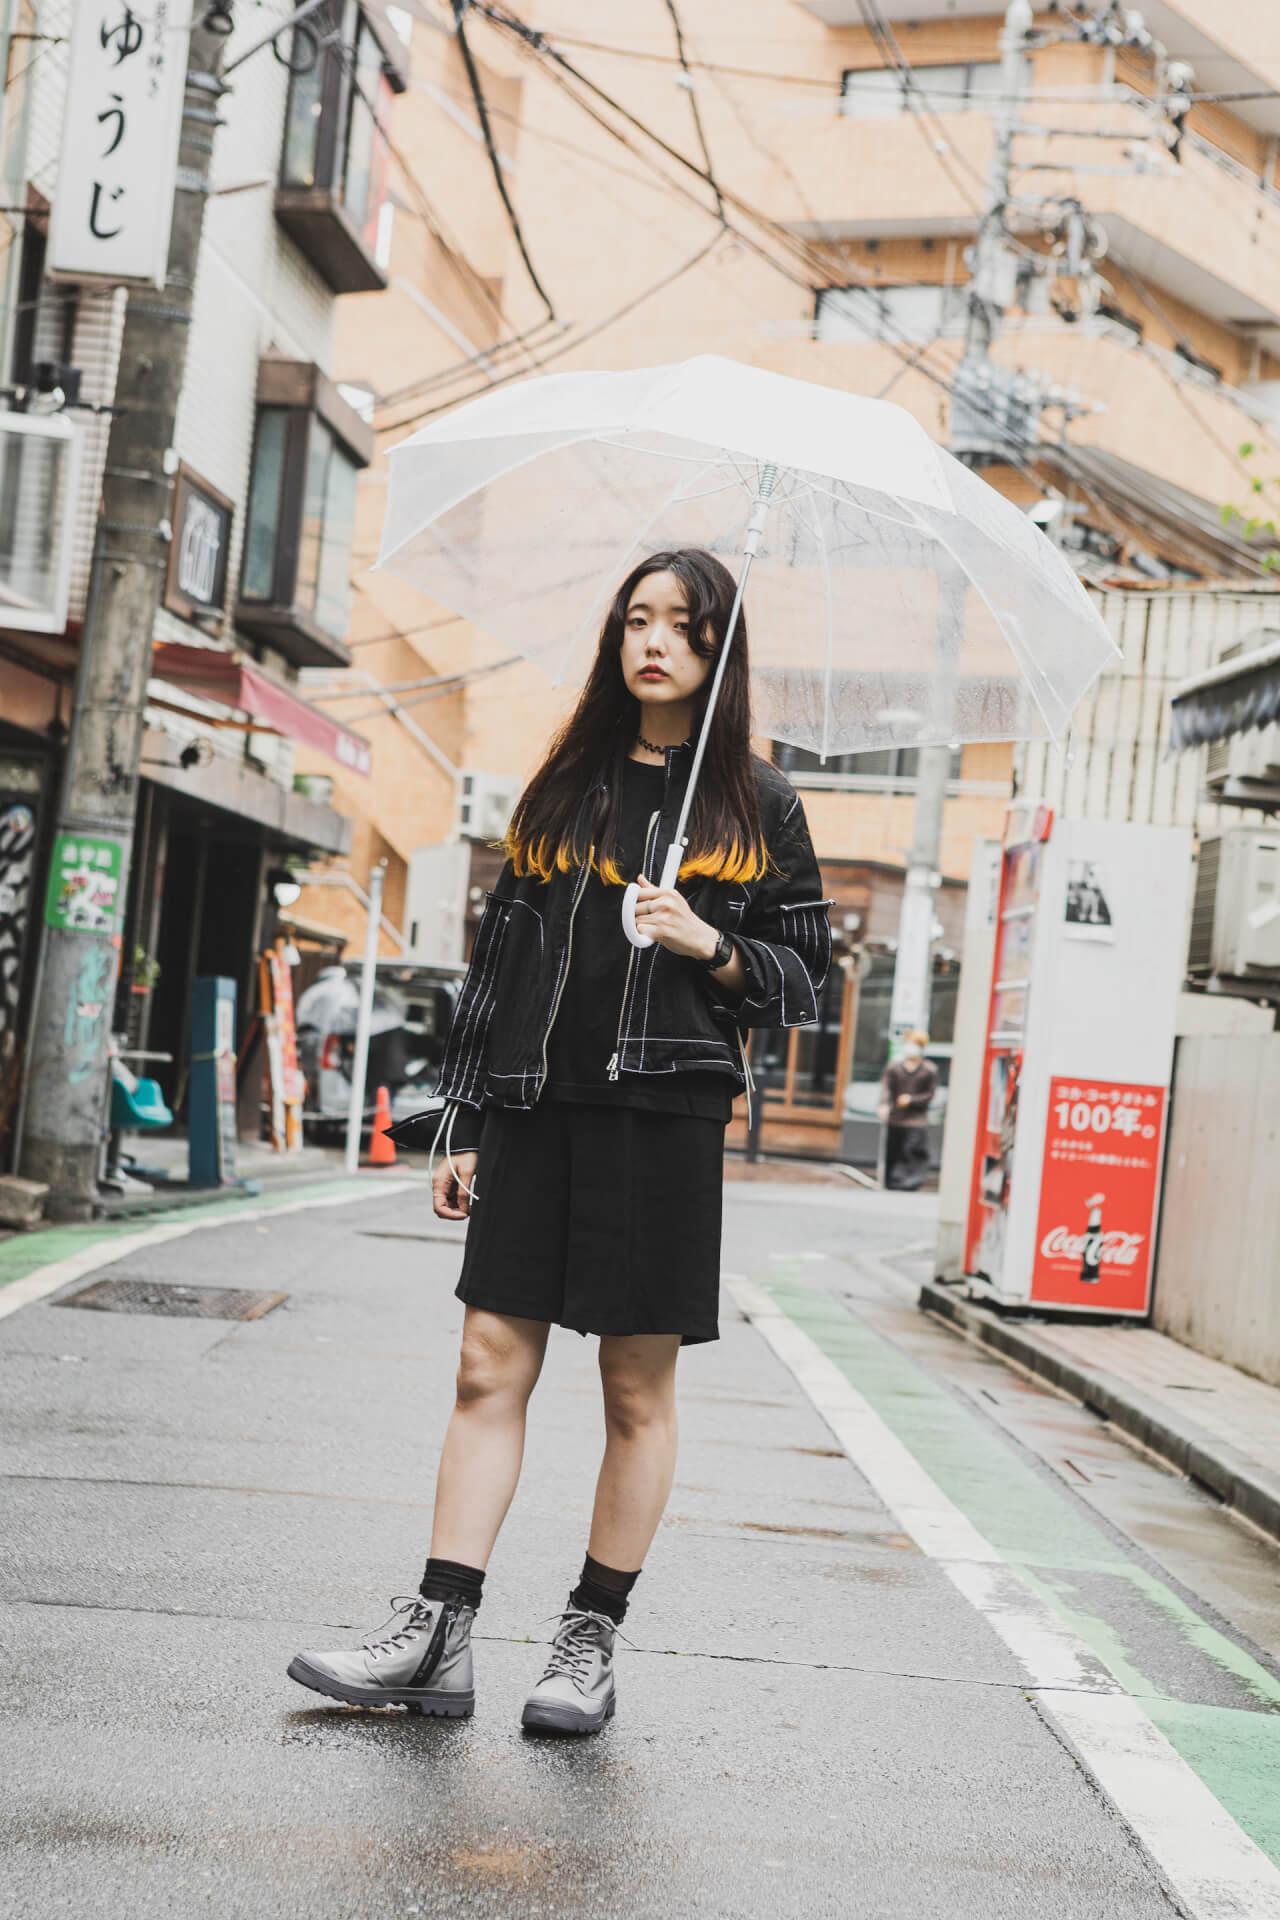 PALLADIUM × 7A&msd|スタイリスト、クリエイターが提案する梅雨を乗り切る雨の日コーデ fashion210526_palladium-024